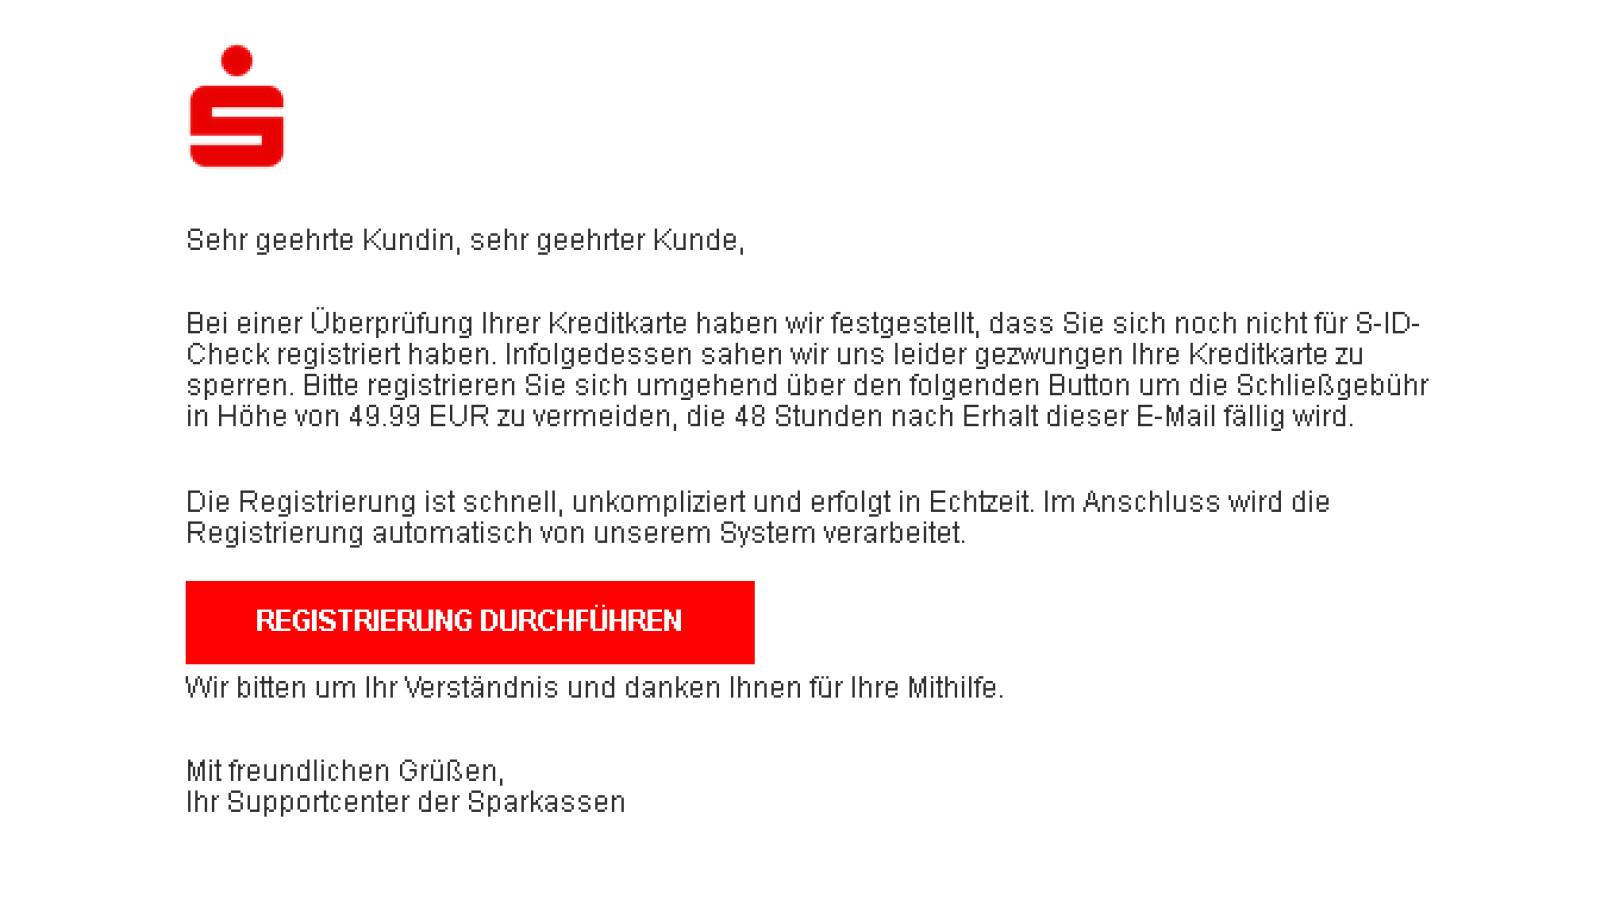 Sparkasse: Aufforderung zur Registrierung für S-ID-Check ist Phishing